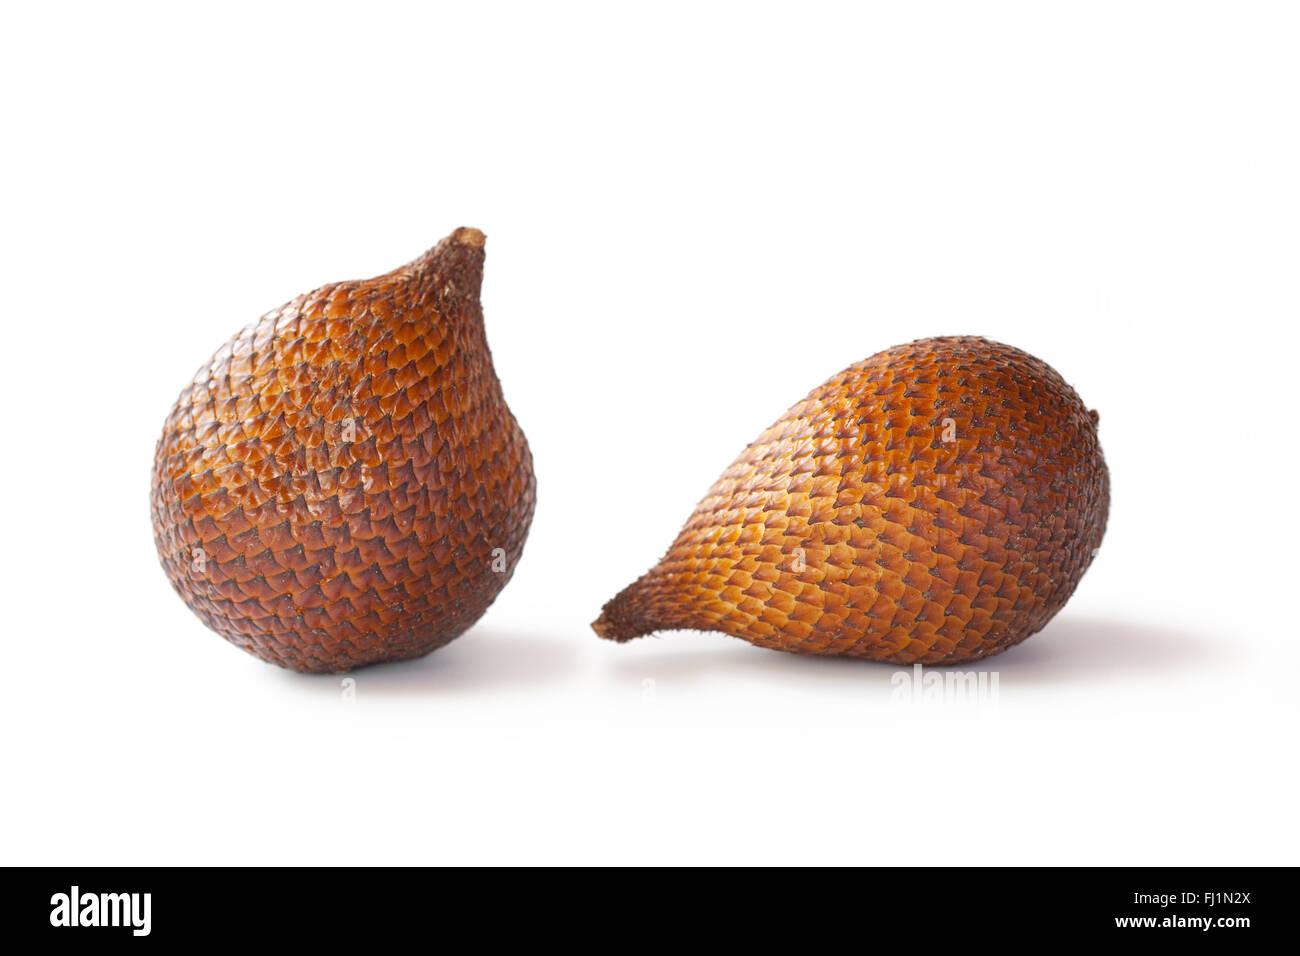 Two fresh whole snakefruit on white background - Stock Image